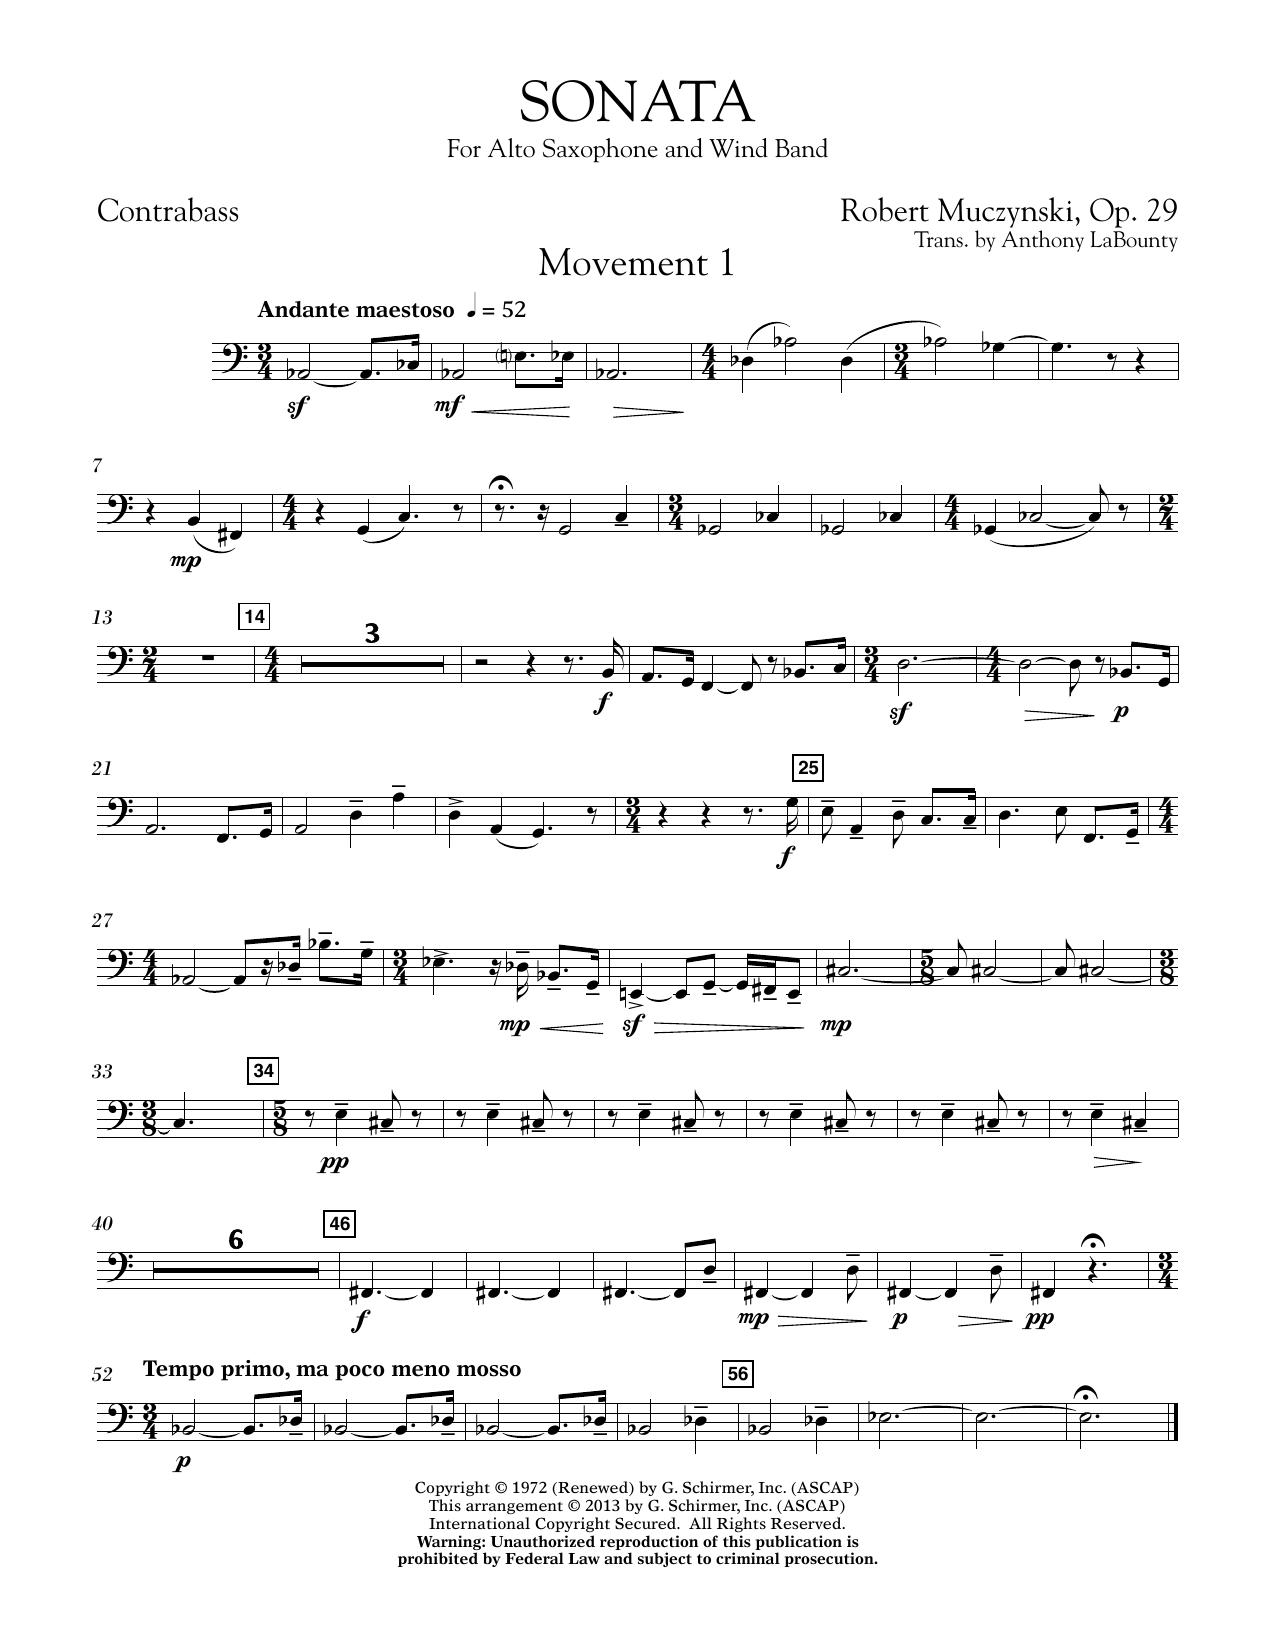 Sonata for Alto Saxophone, Op. 29 - Contrabass (Concert Band)